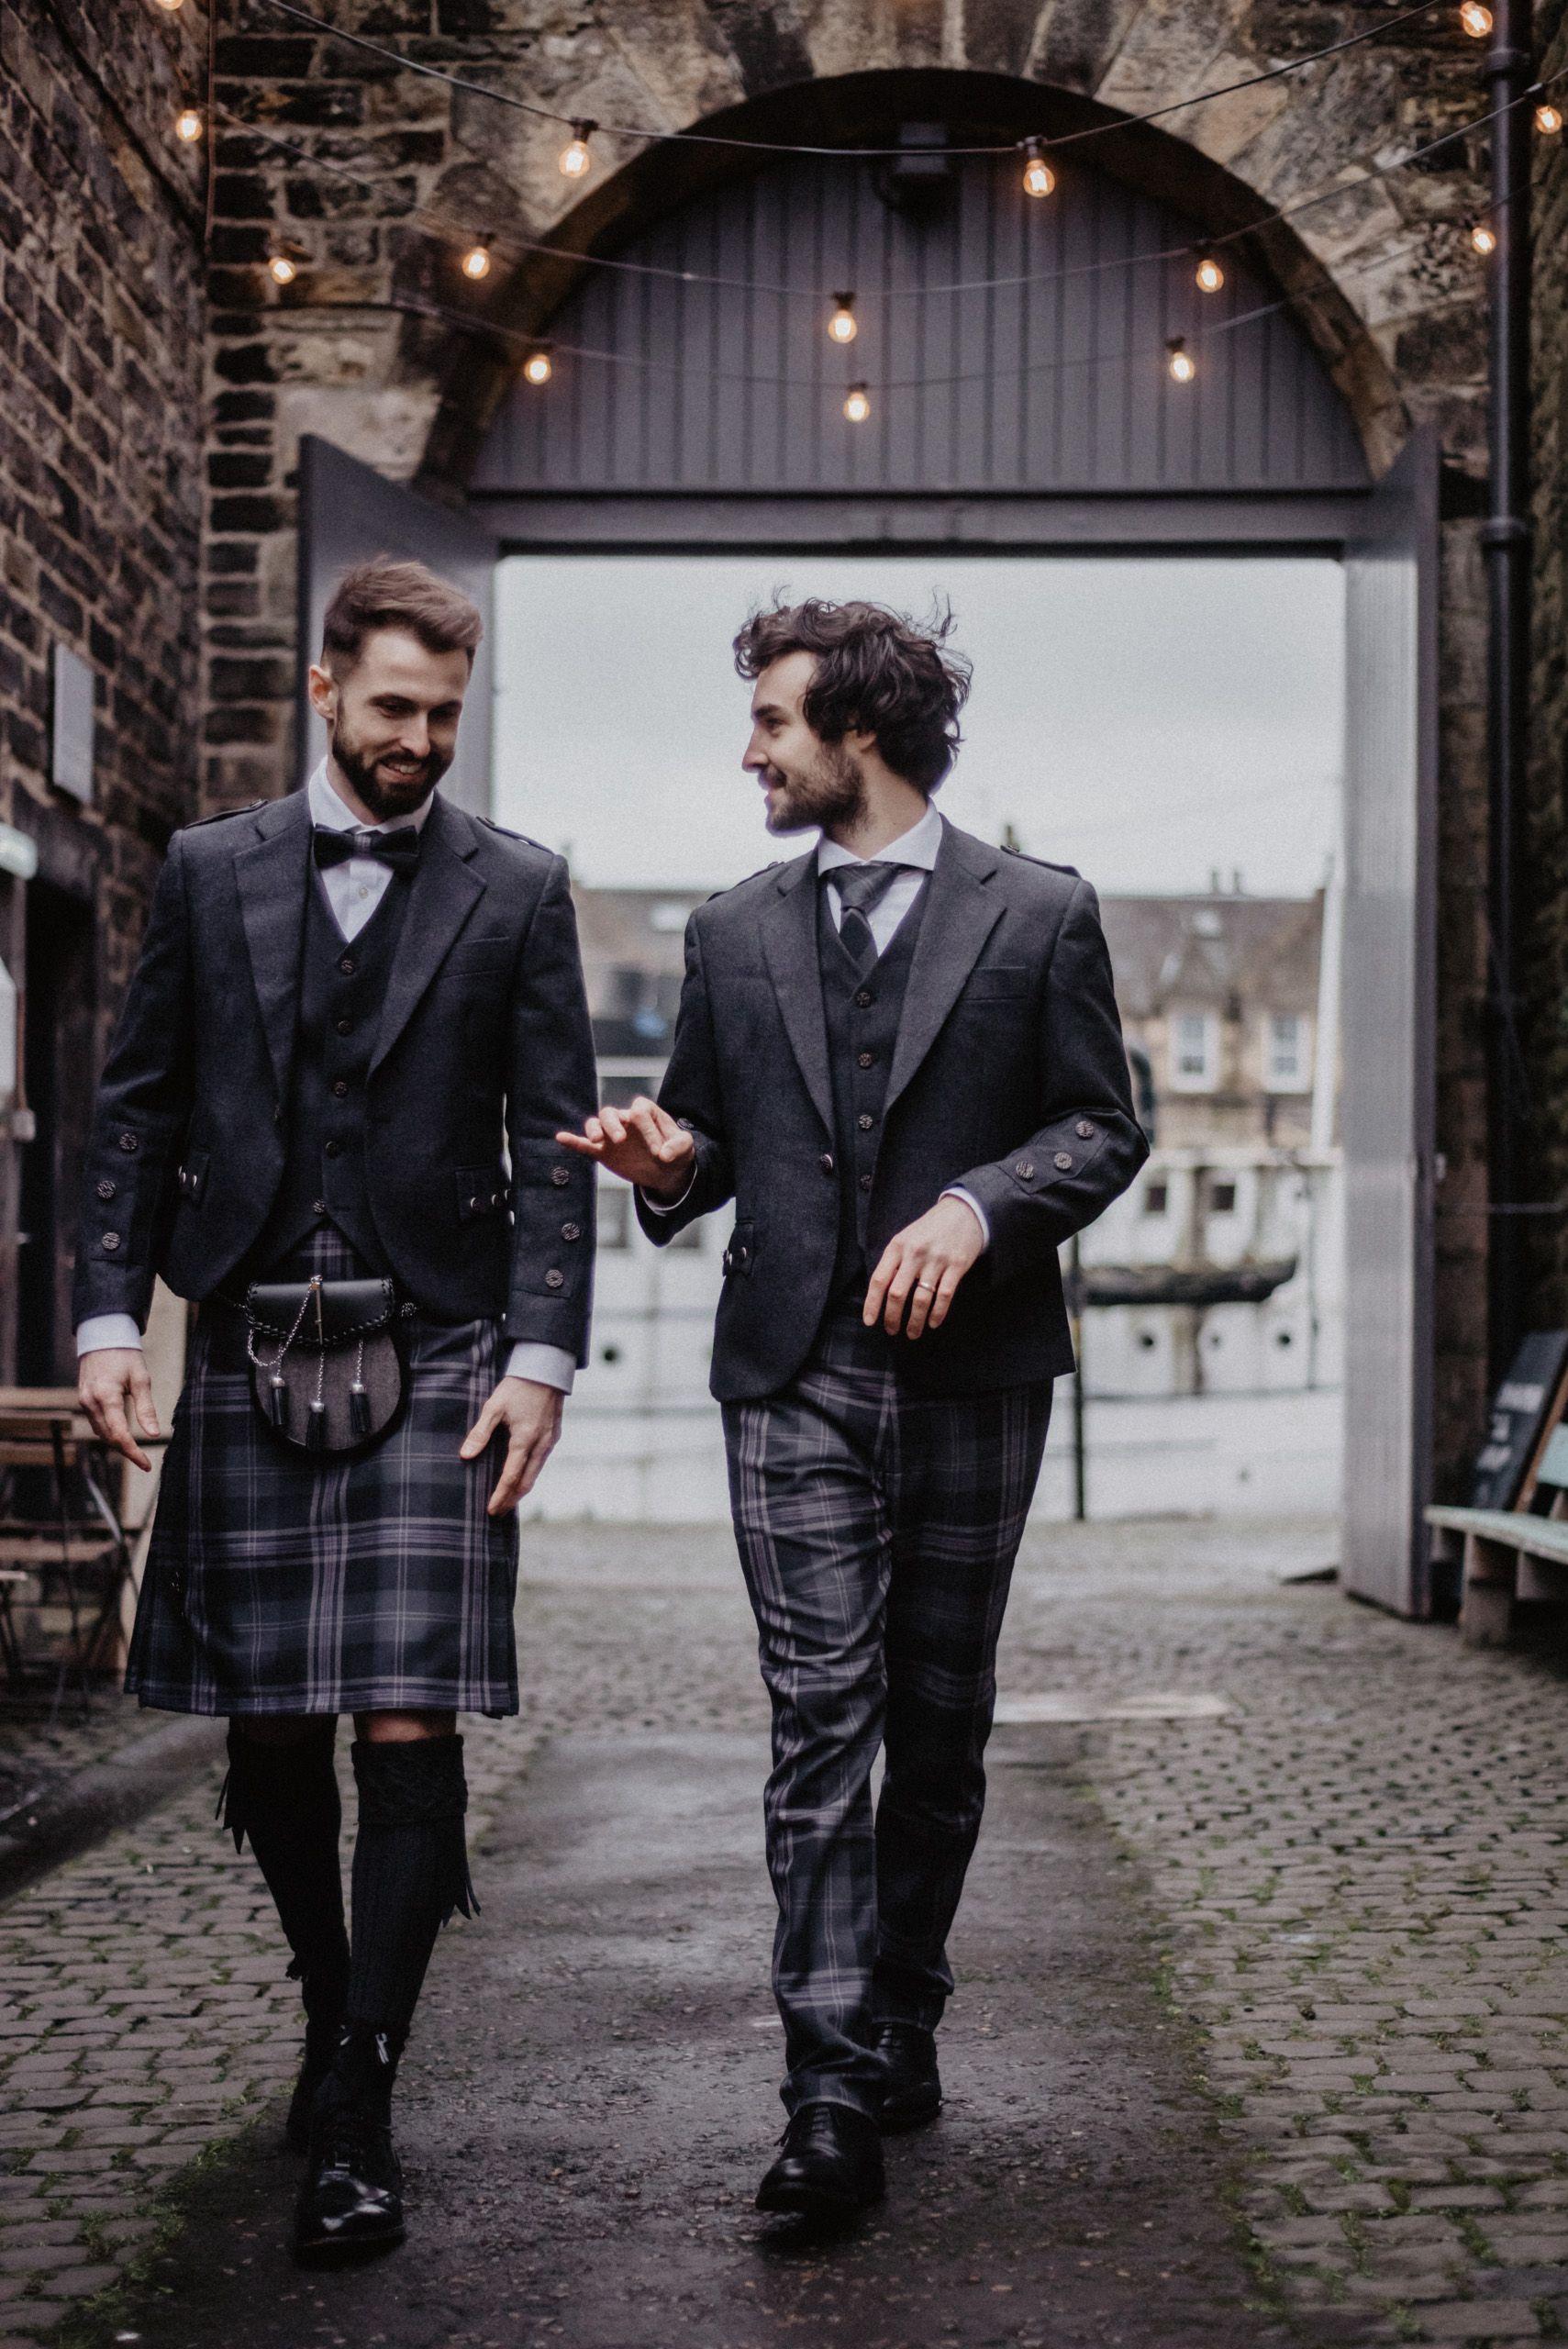 Persevere Flint Grey Tartan Trews Kilt Wedding Tartan Wedding Kilt Outfits [ 2560 x 1709 Pixel ]